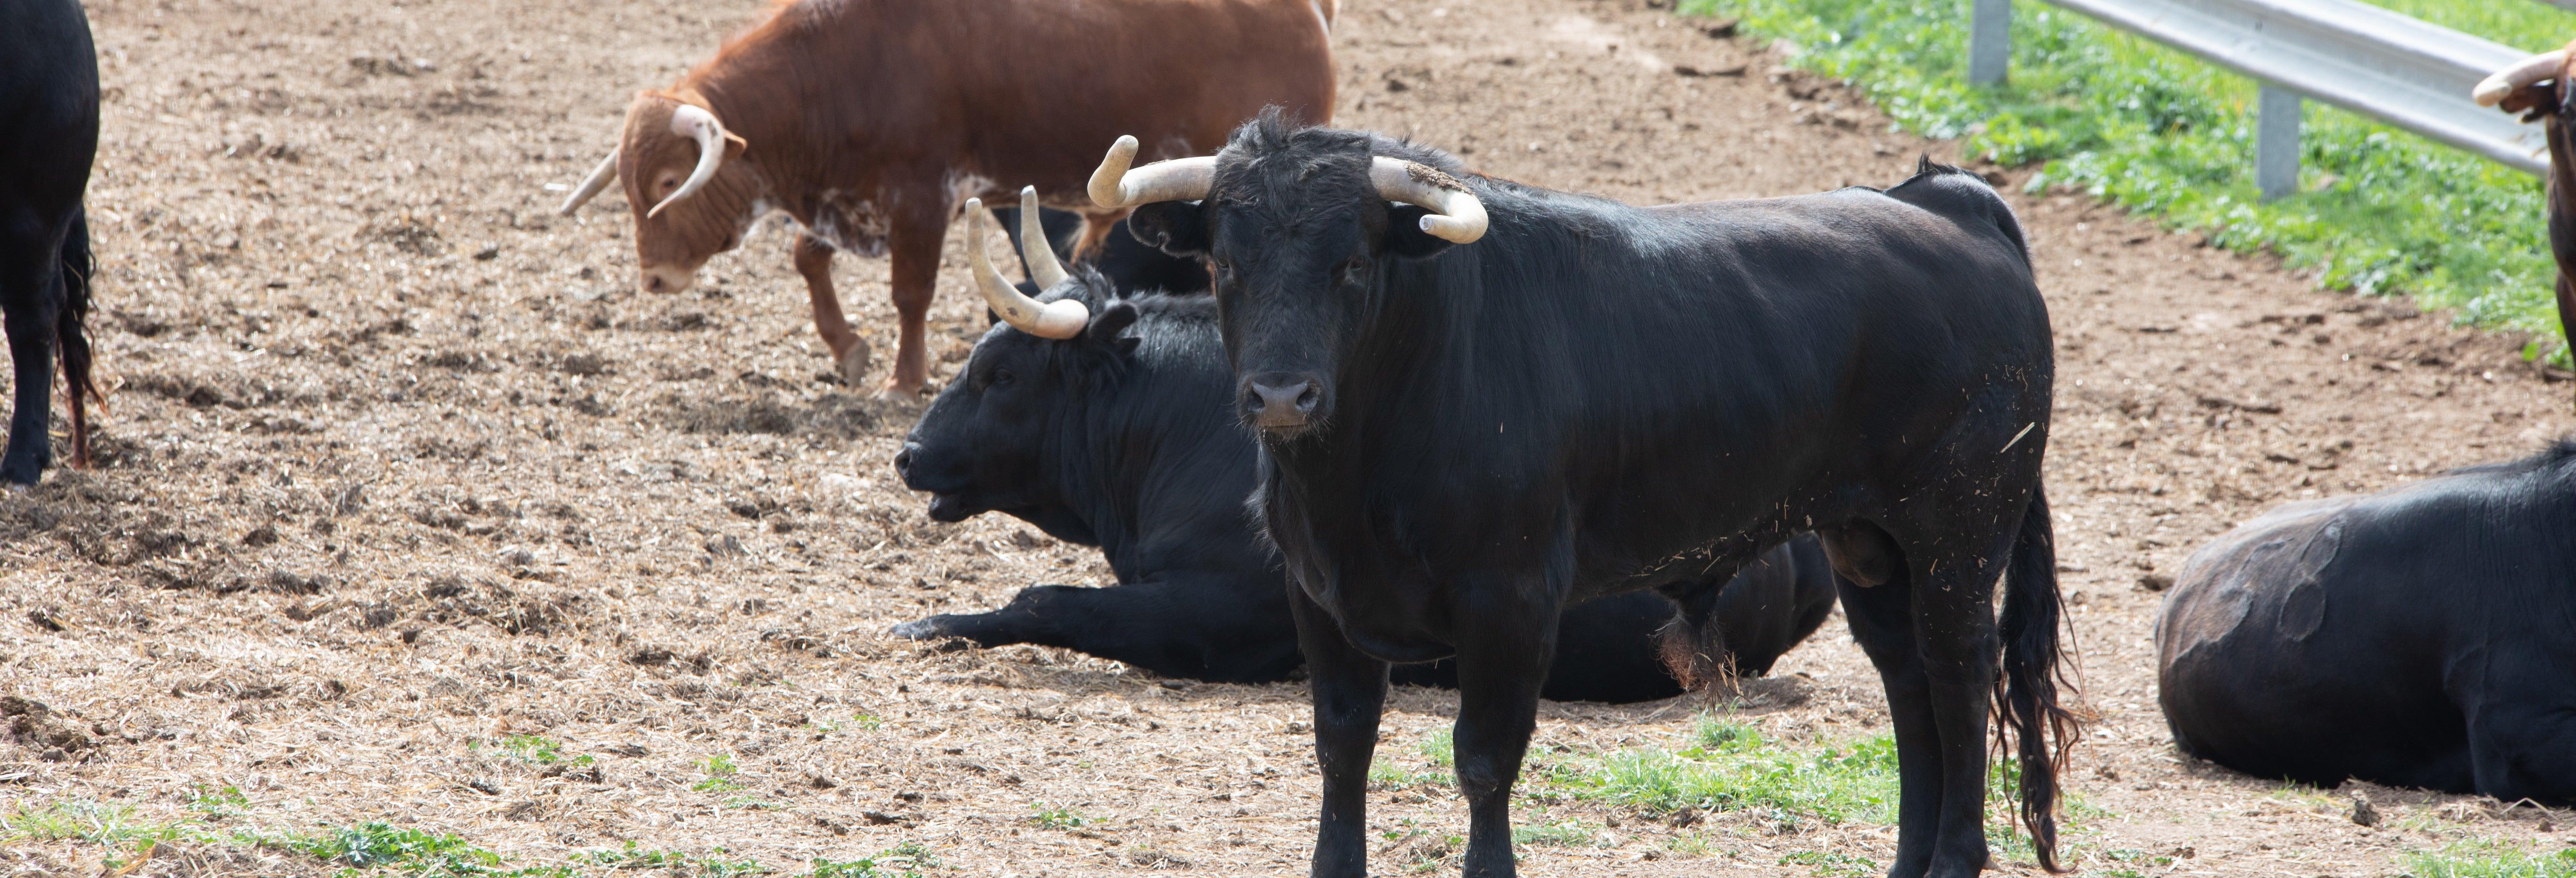 Visita a uma fazenda de touros bravos